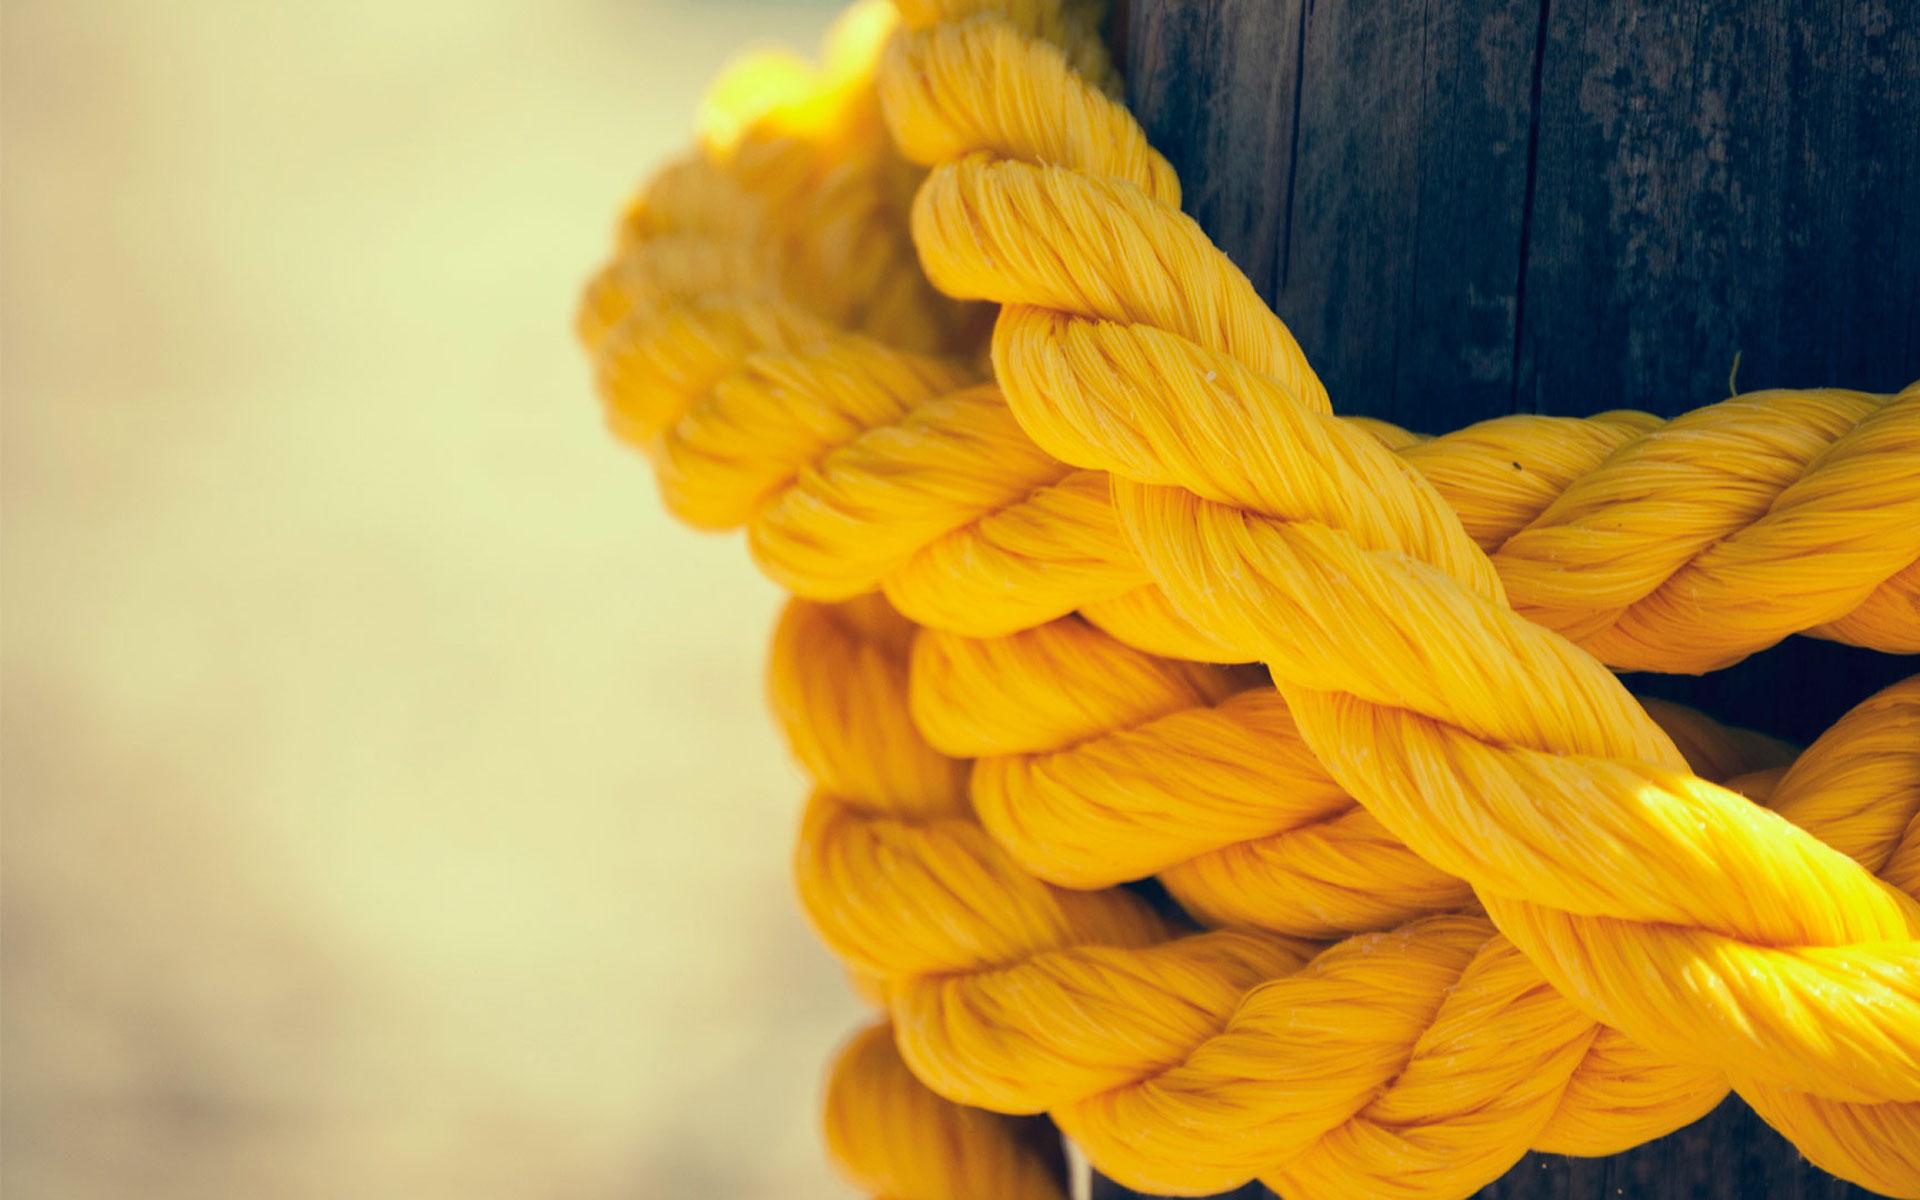 yellow rope image